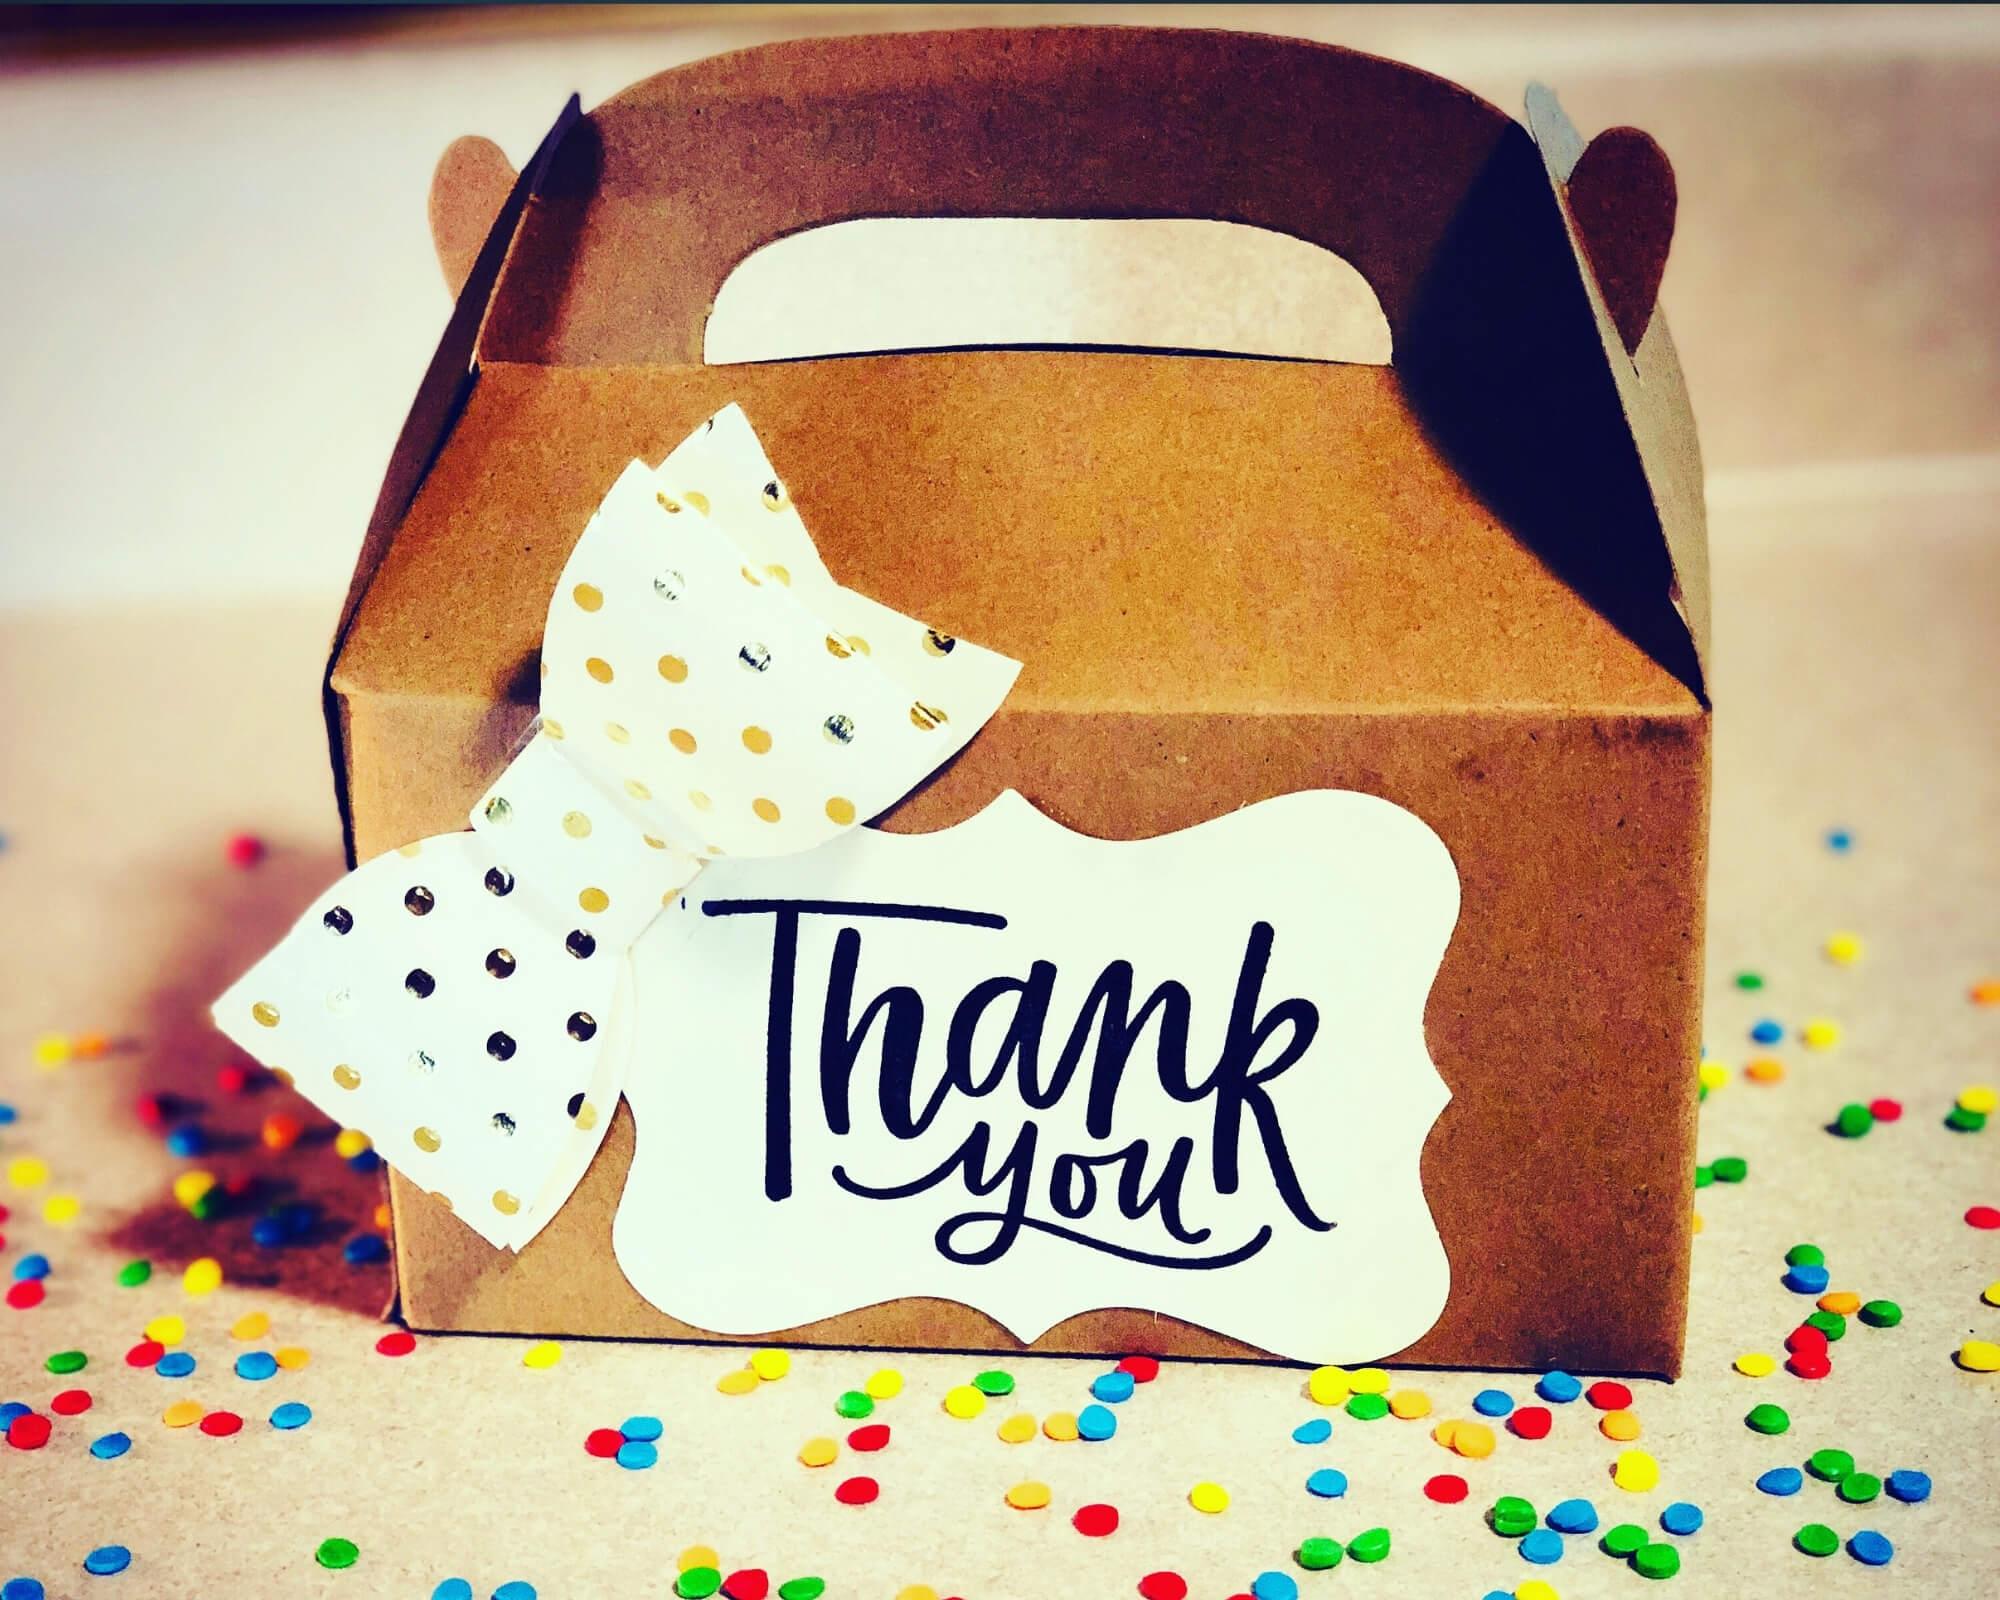 packaging con una nota de agradecimiento personalizada